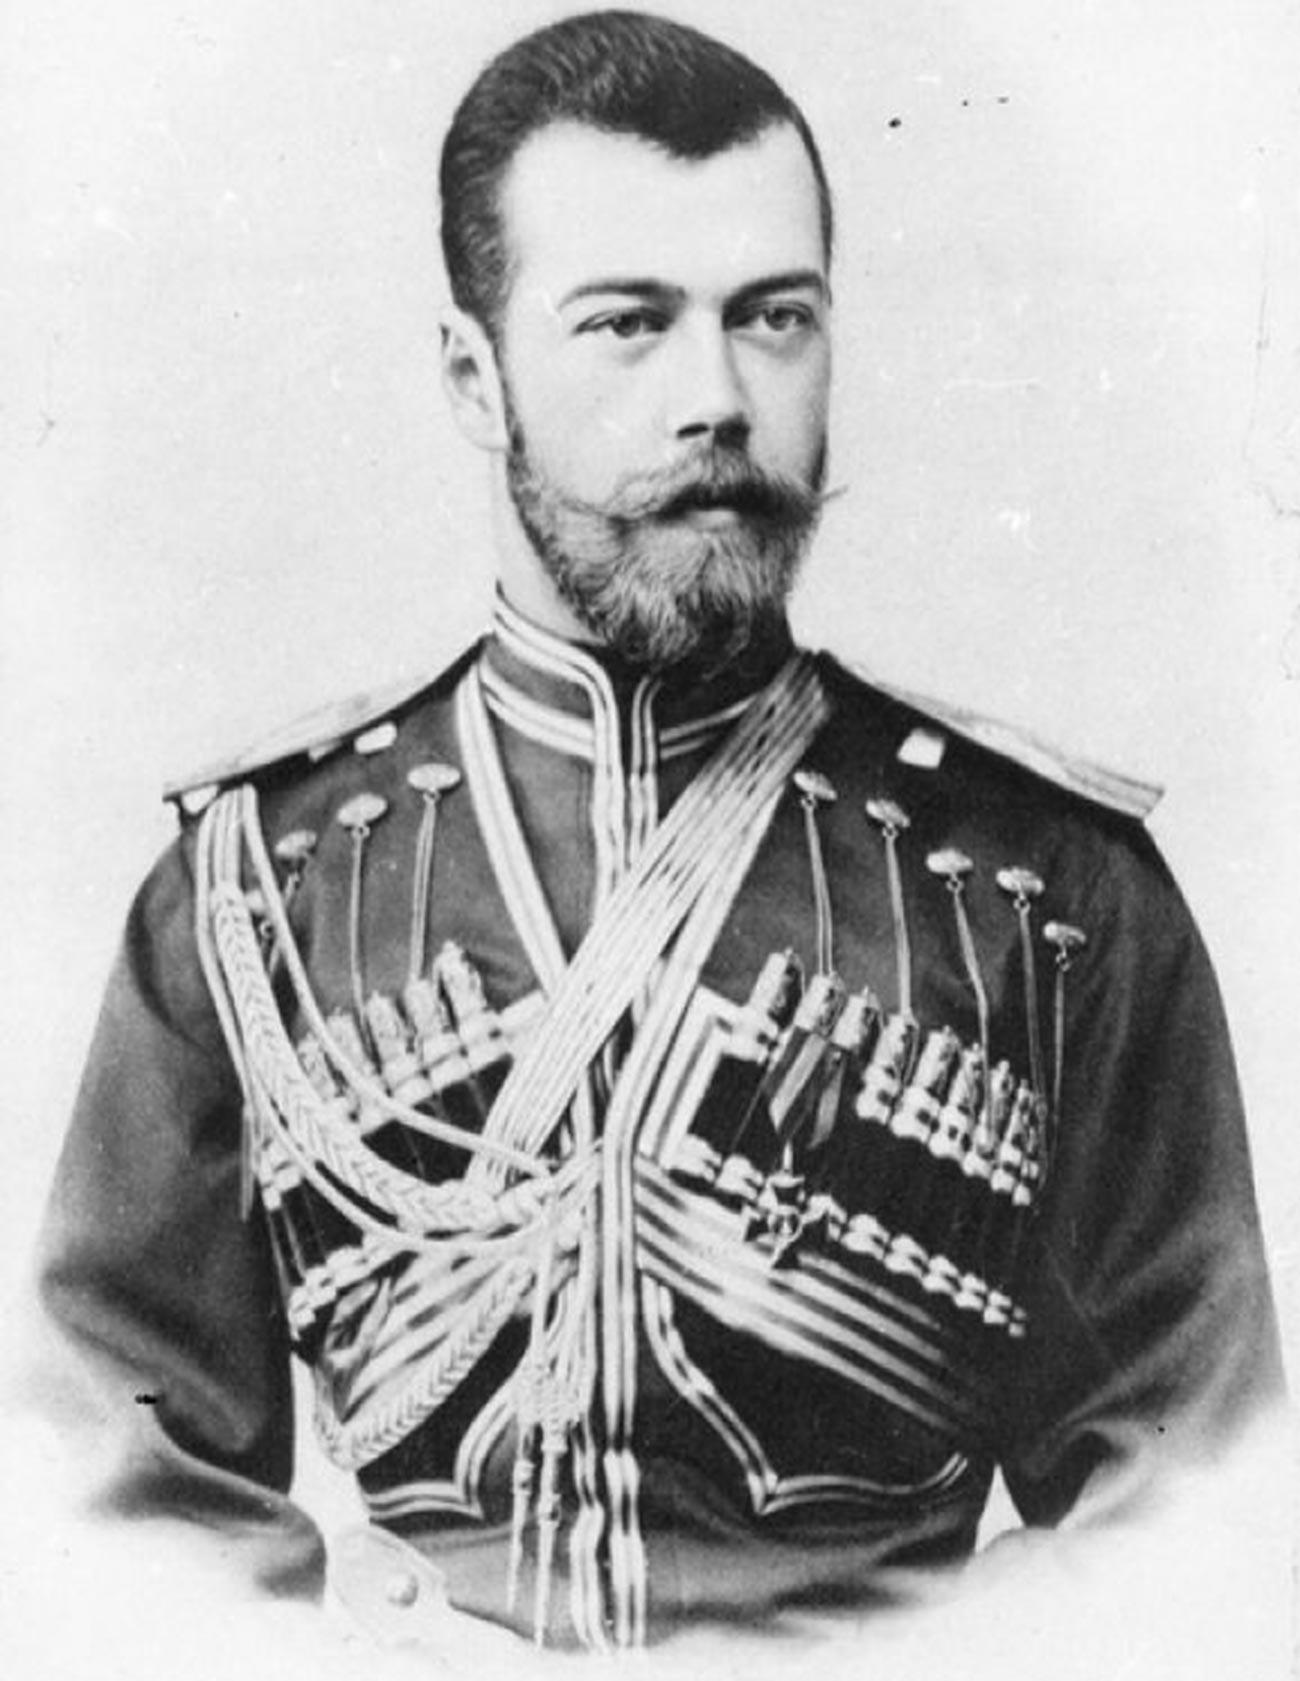 Николай II в форме Лейб-гвардии Гусарского Его Величества полка